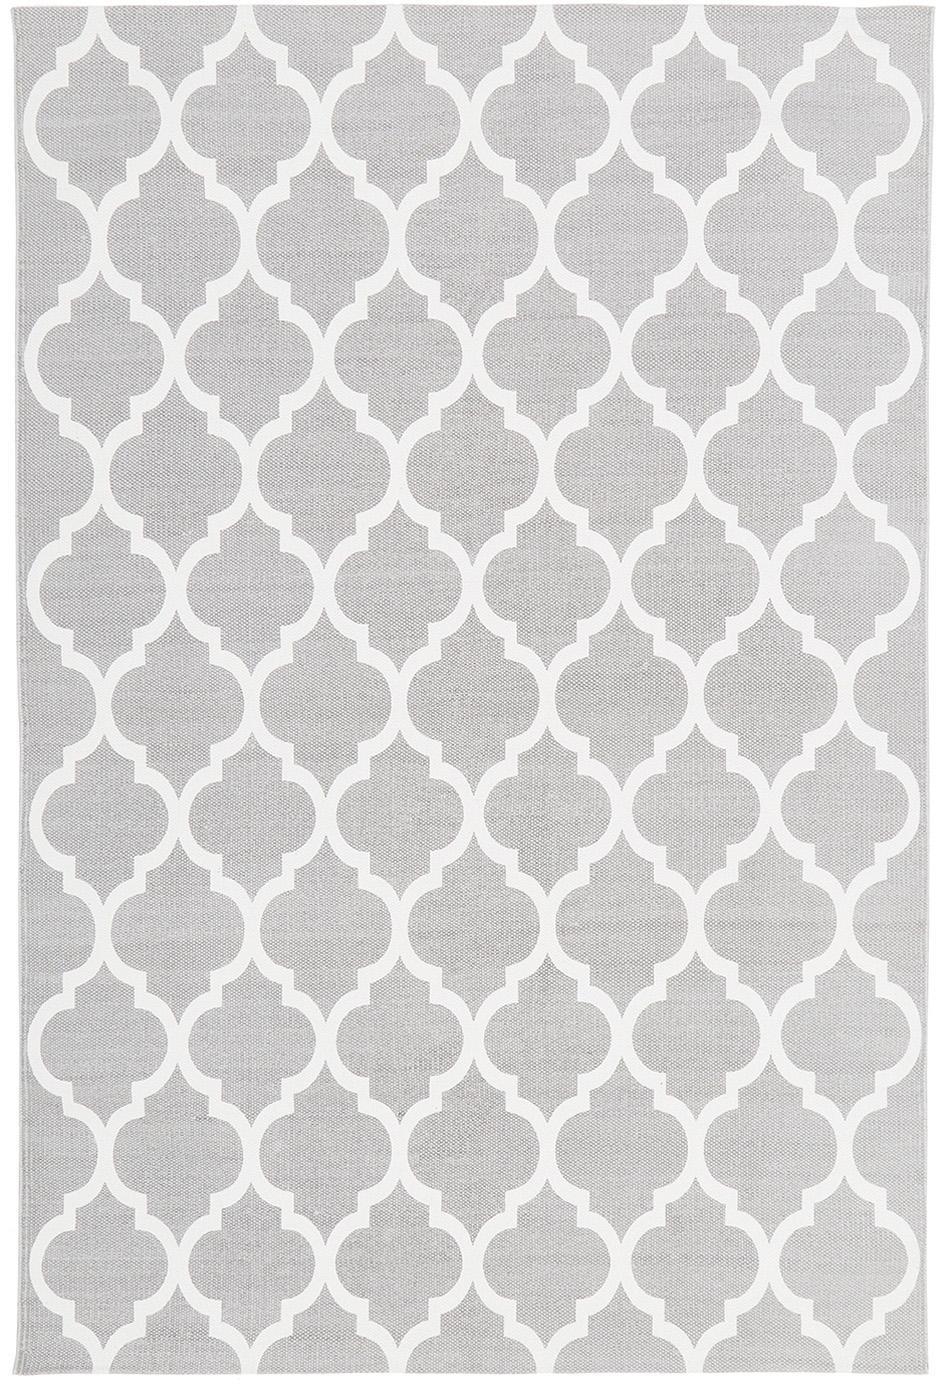 Flachgewebter Baumwollteppich Amira in Grau/Weiß, 100% Baumwolle, Hellgrau, Cremeweiß, B 120 x L 180 cm (Größe S)